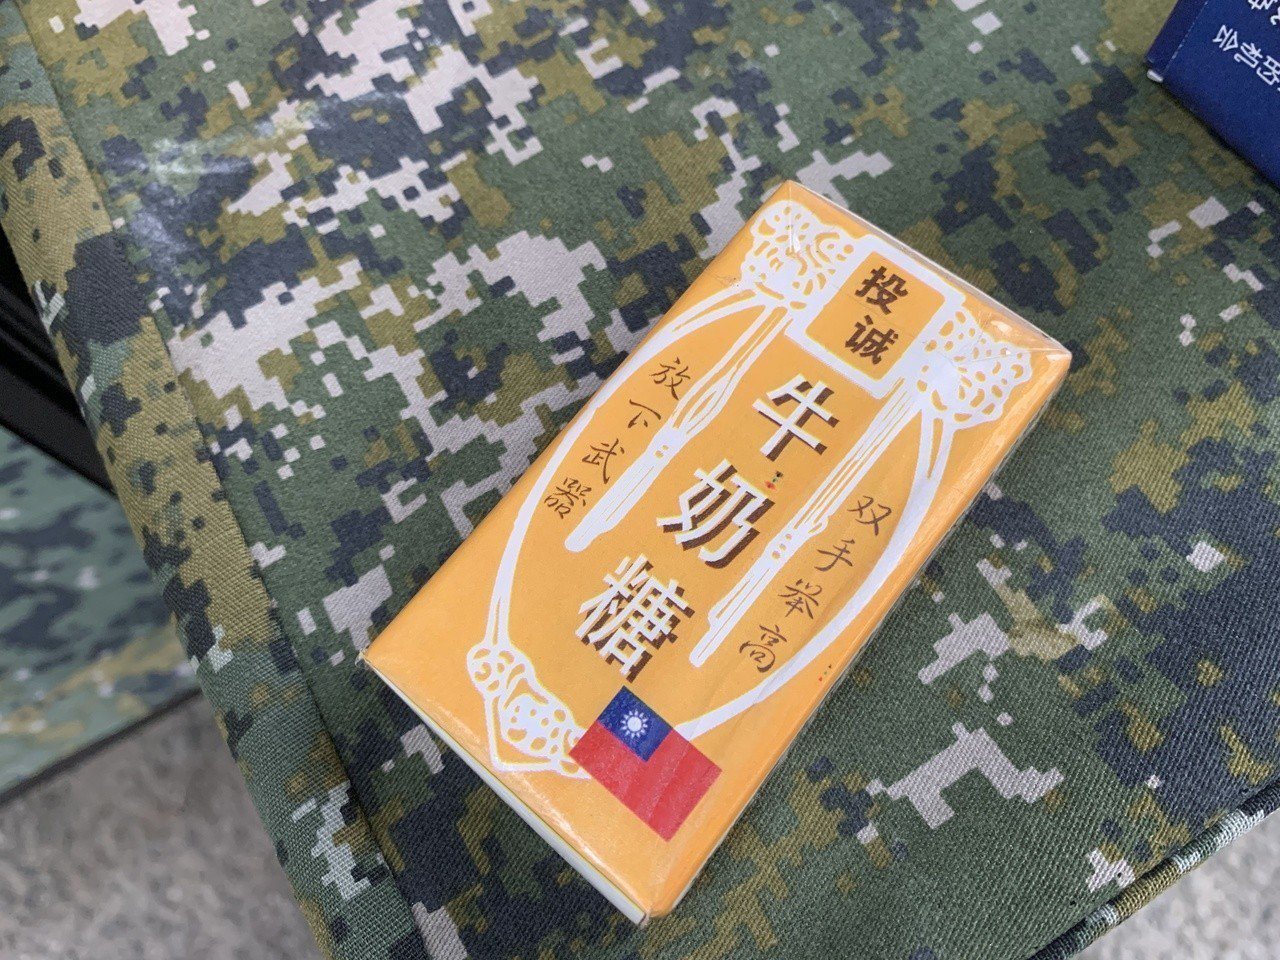 國防部心戰大隊製作「投誠食品」,示範軍方戰時招降共軍的心戰手段,包括「投誠方便麵...